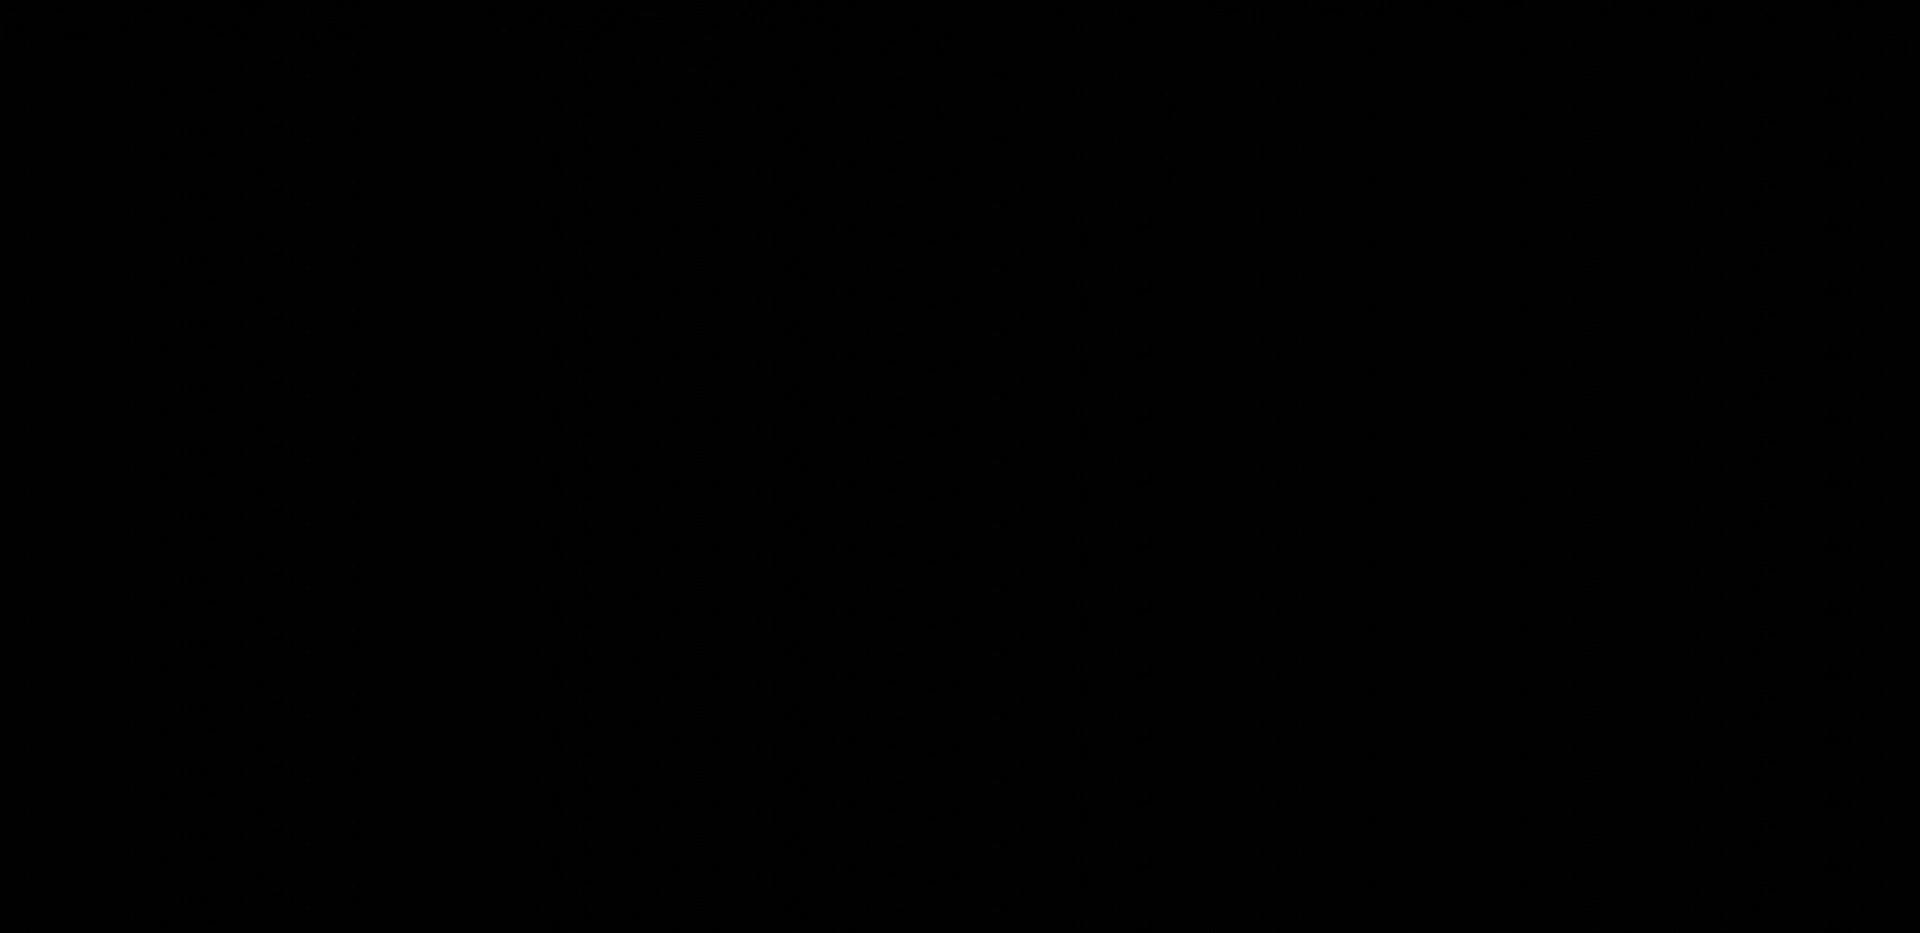 CONCEPT MOTION GRAFIC Prticels